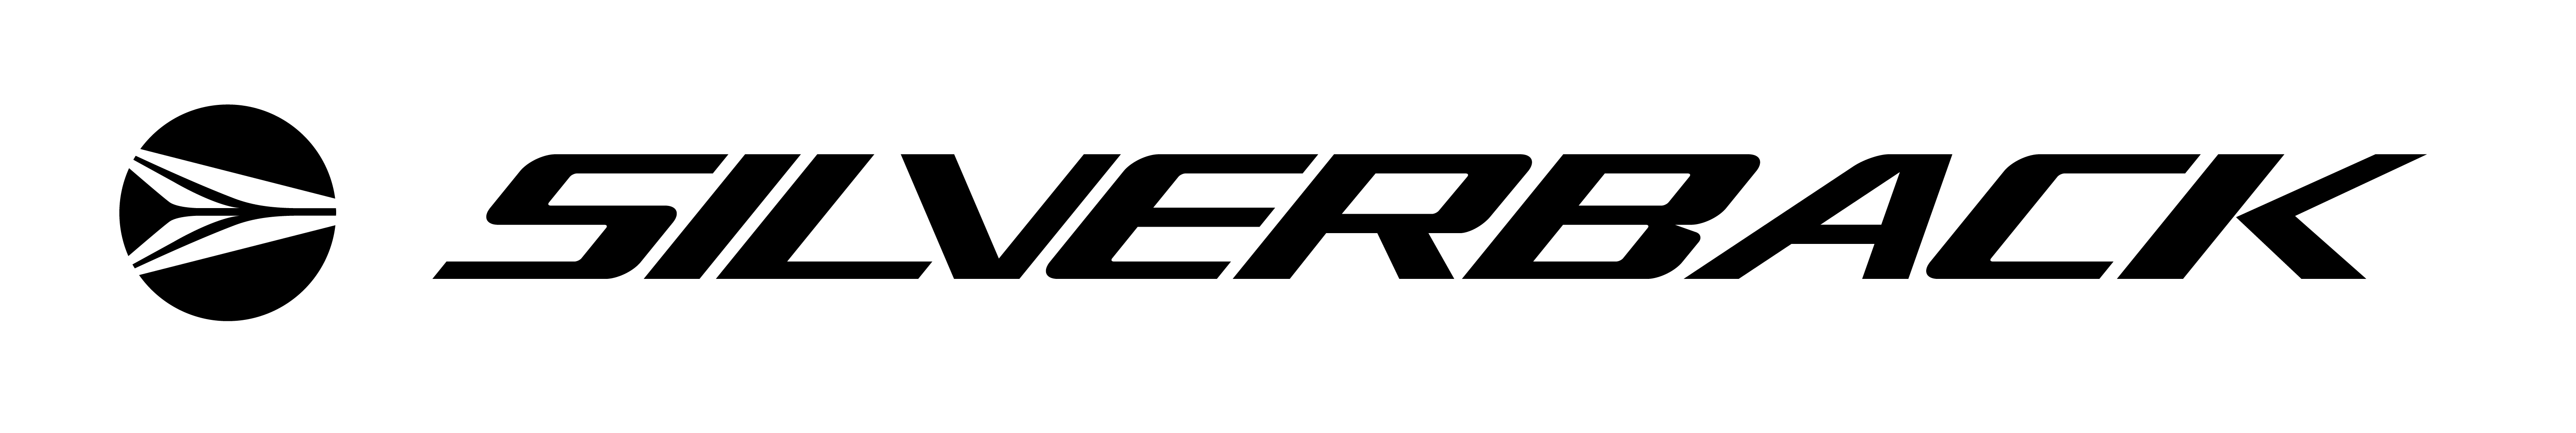 Silverback Logo